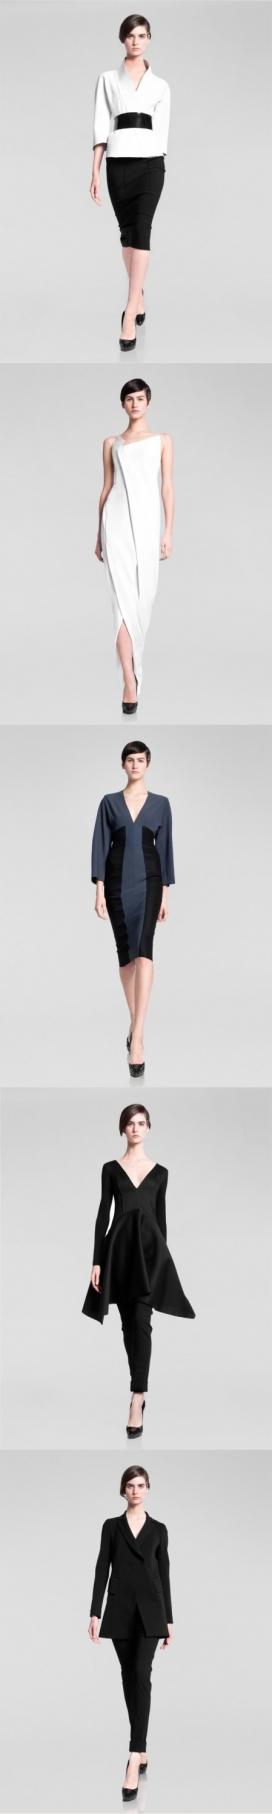 剪影-美国时装设计师Donna Karan2013晚装时尚秀,纯粹的裙子和丝绸裁剪上衣